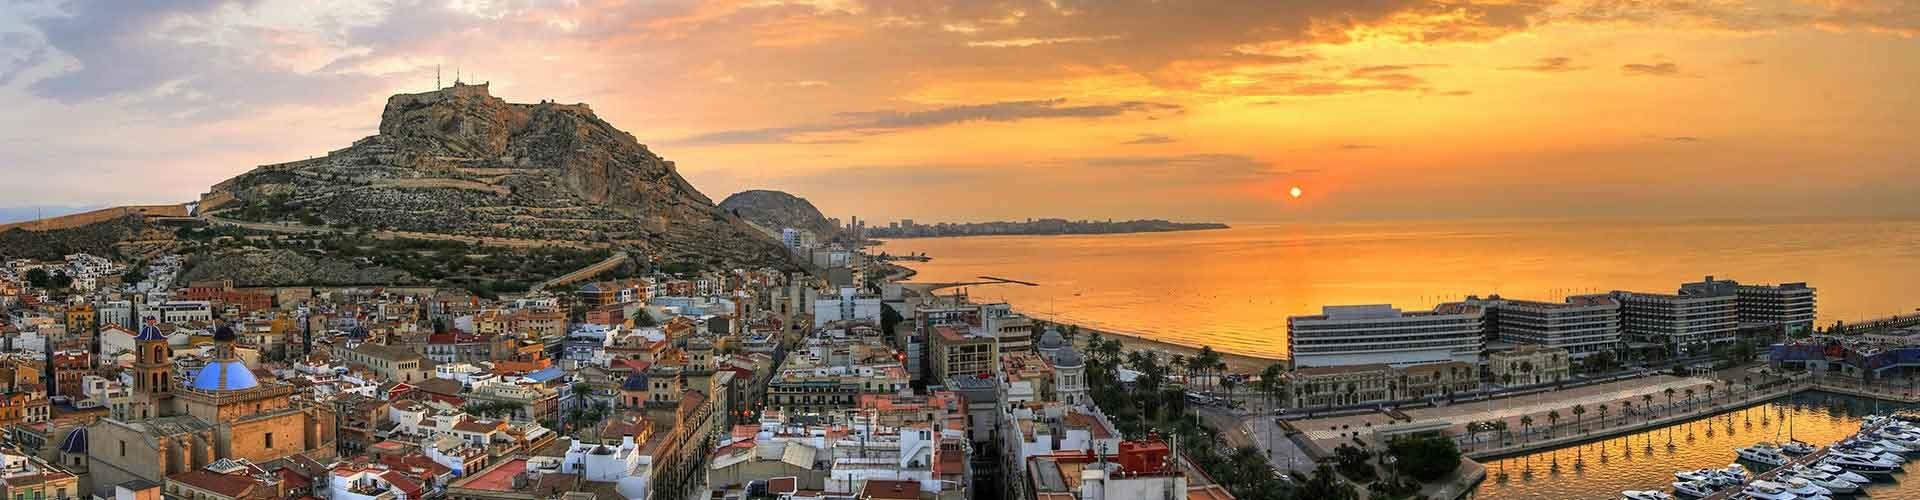 vedere a Alicante